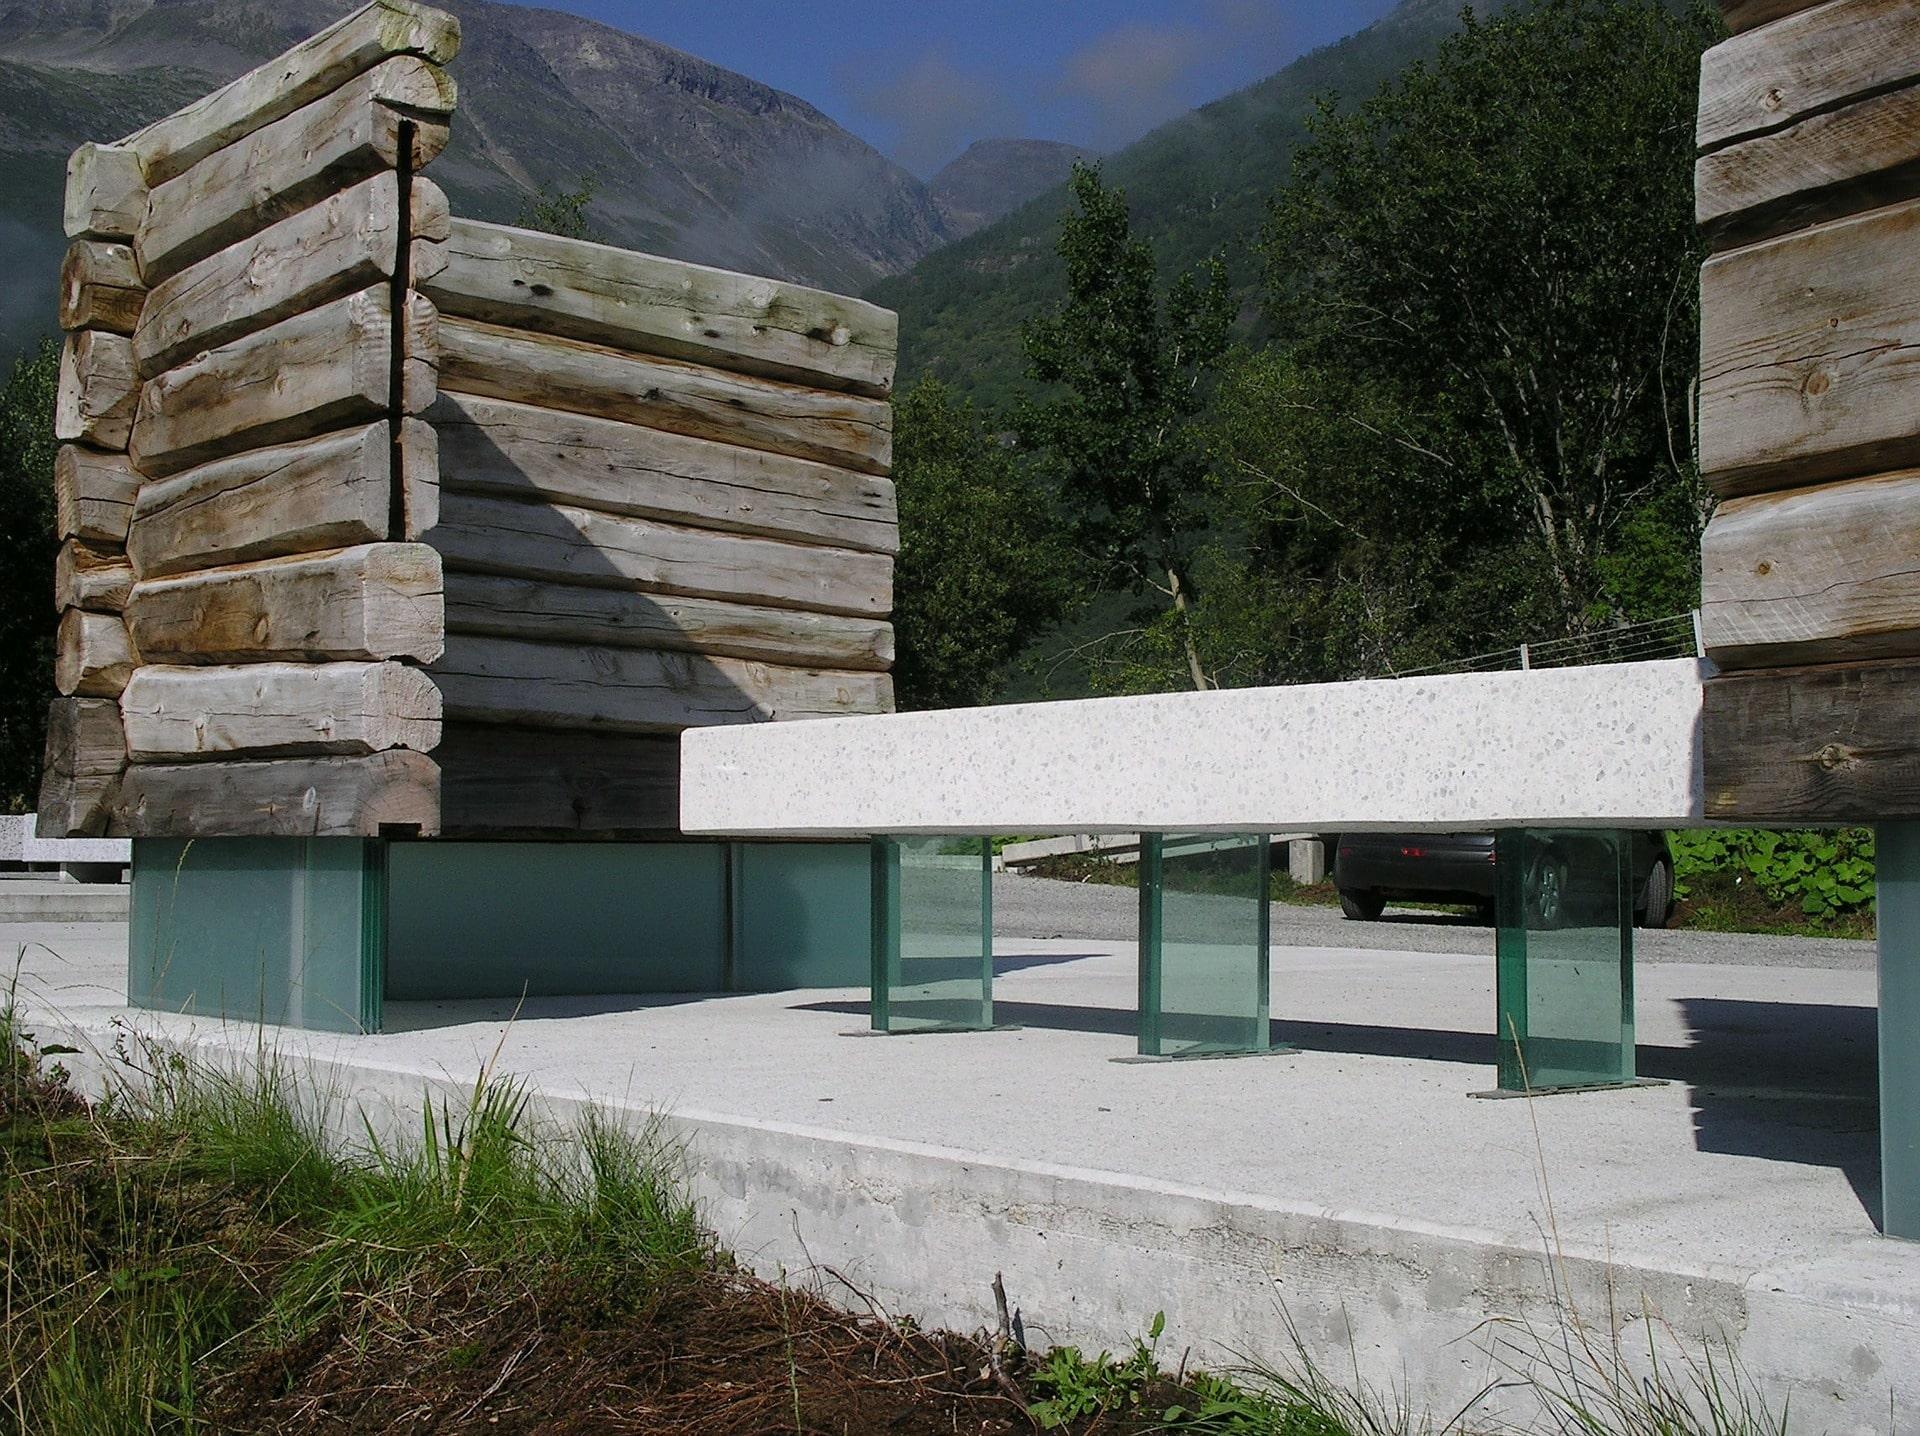 Banc moderne en pierre blanche et verre entouré de paravents en bois